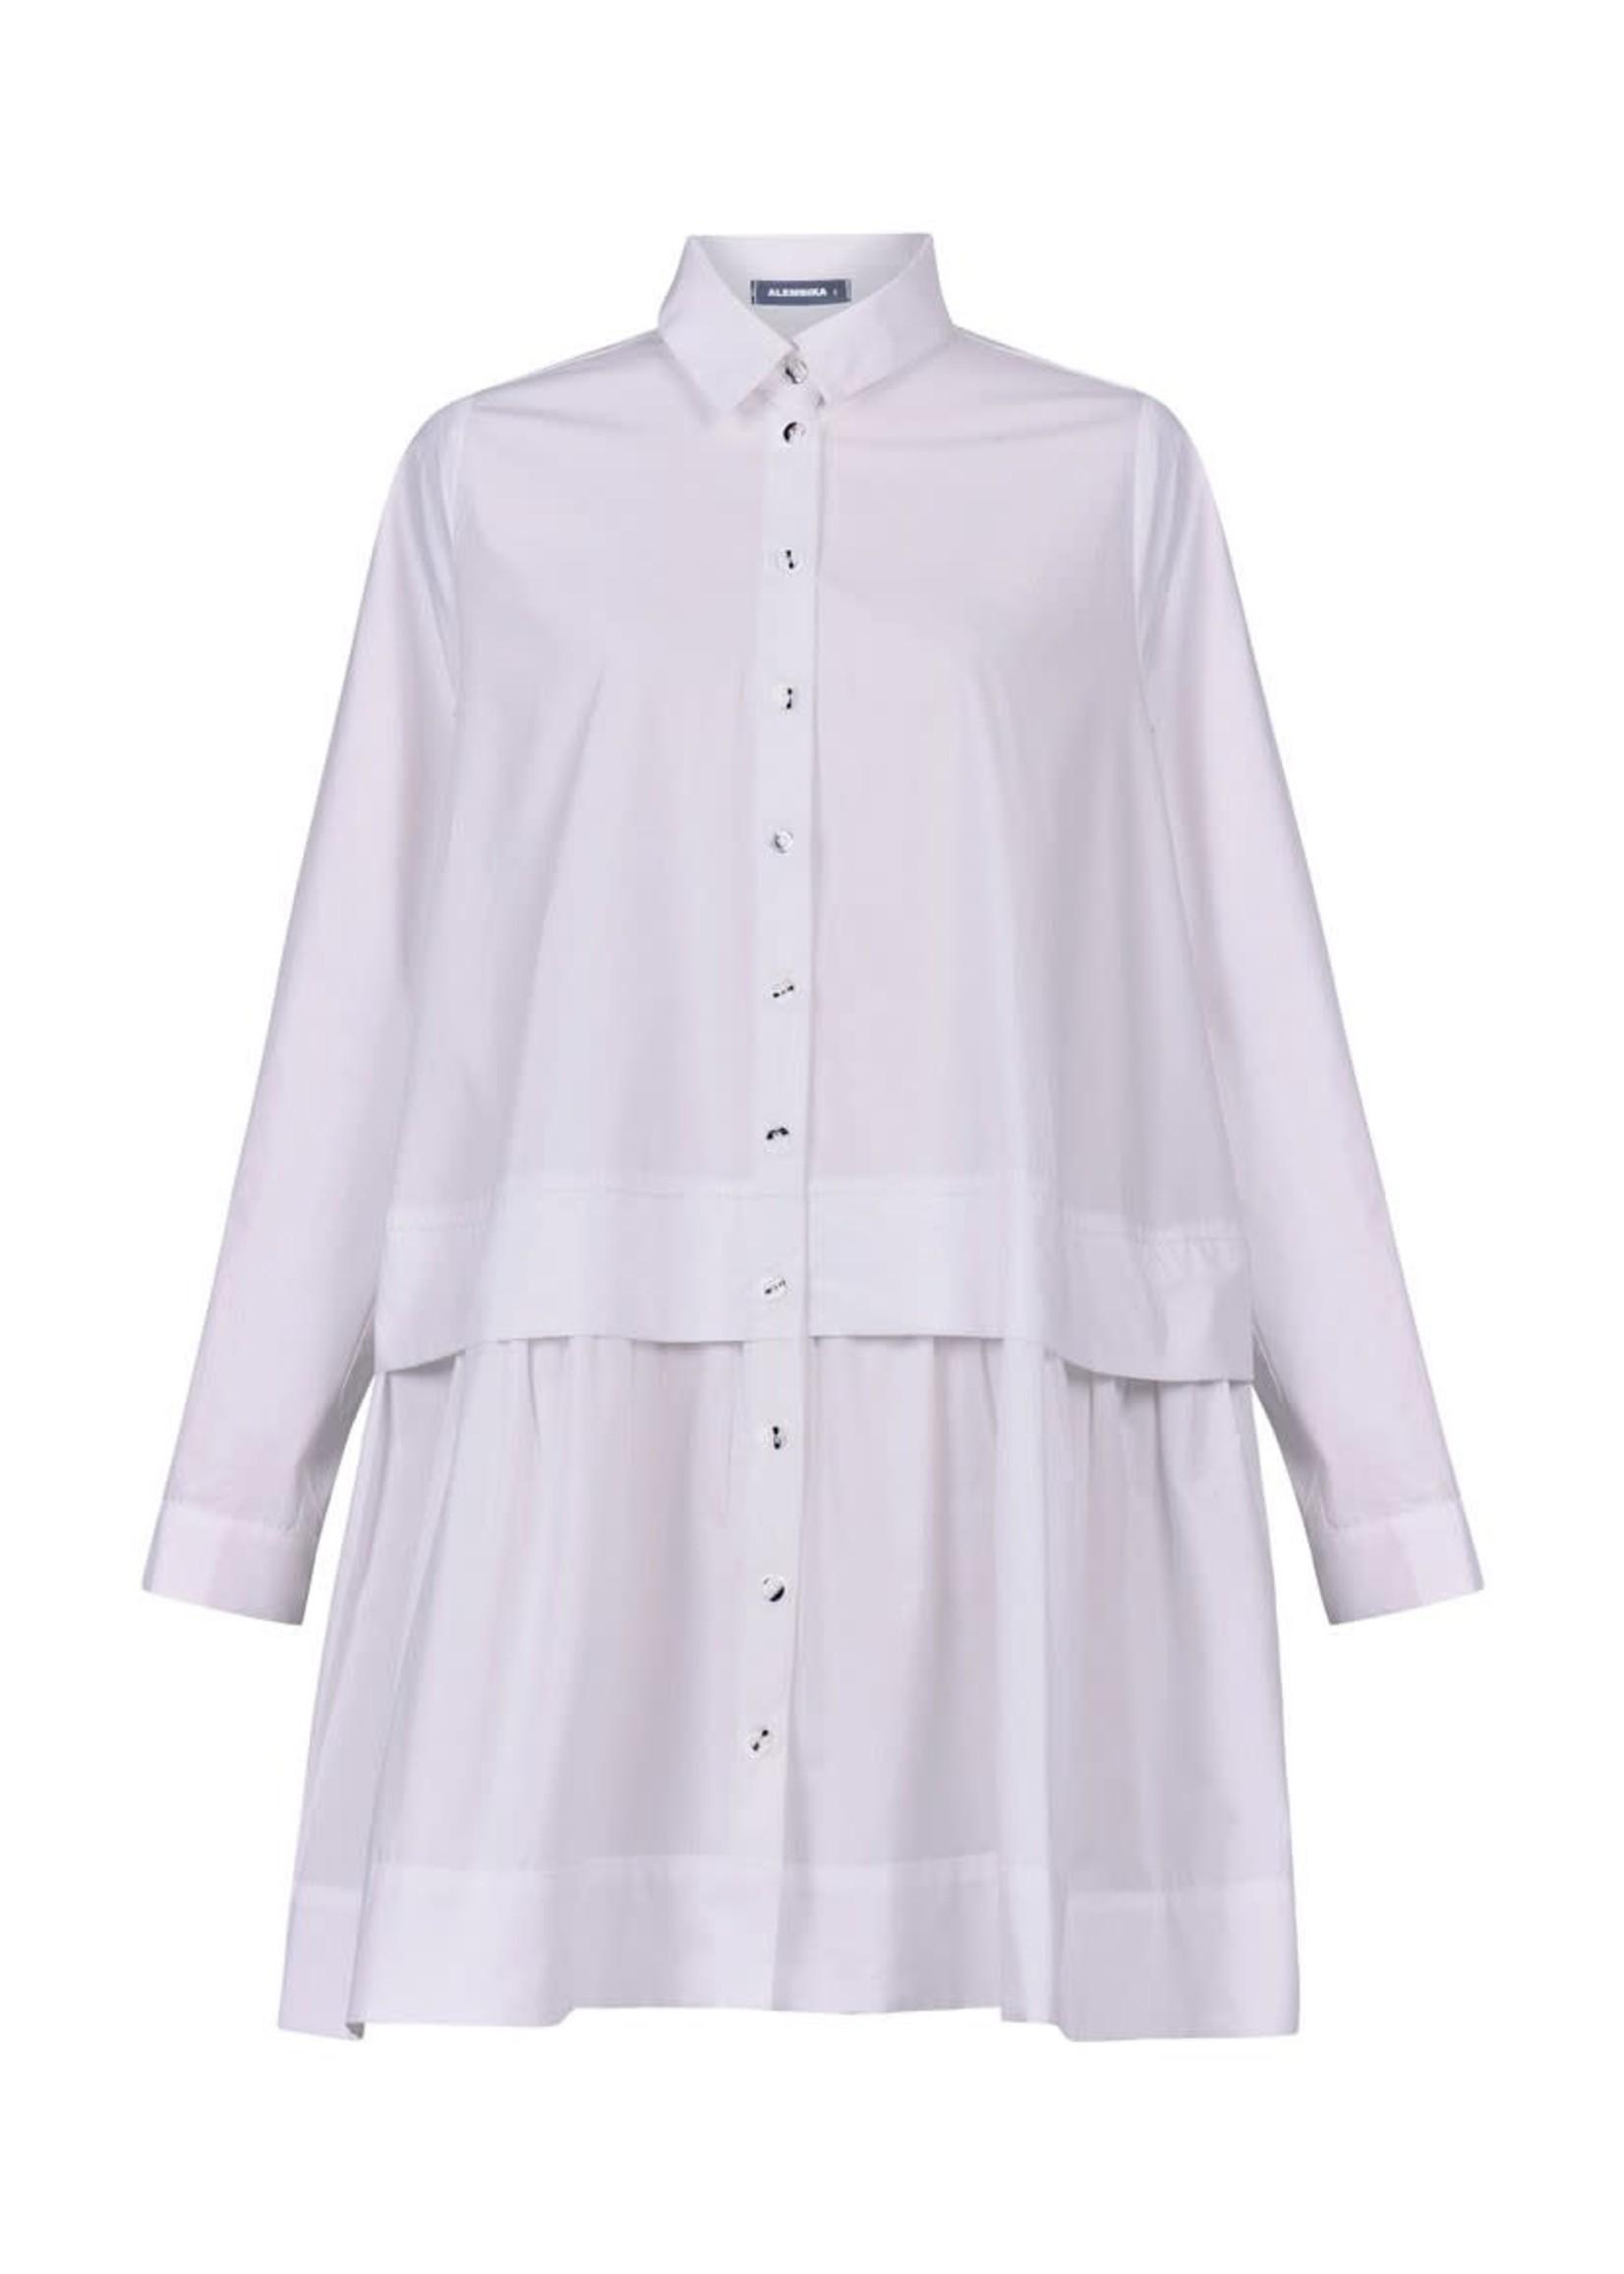 ALEMBIKA at203b blouse